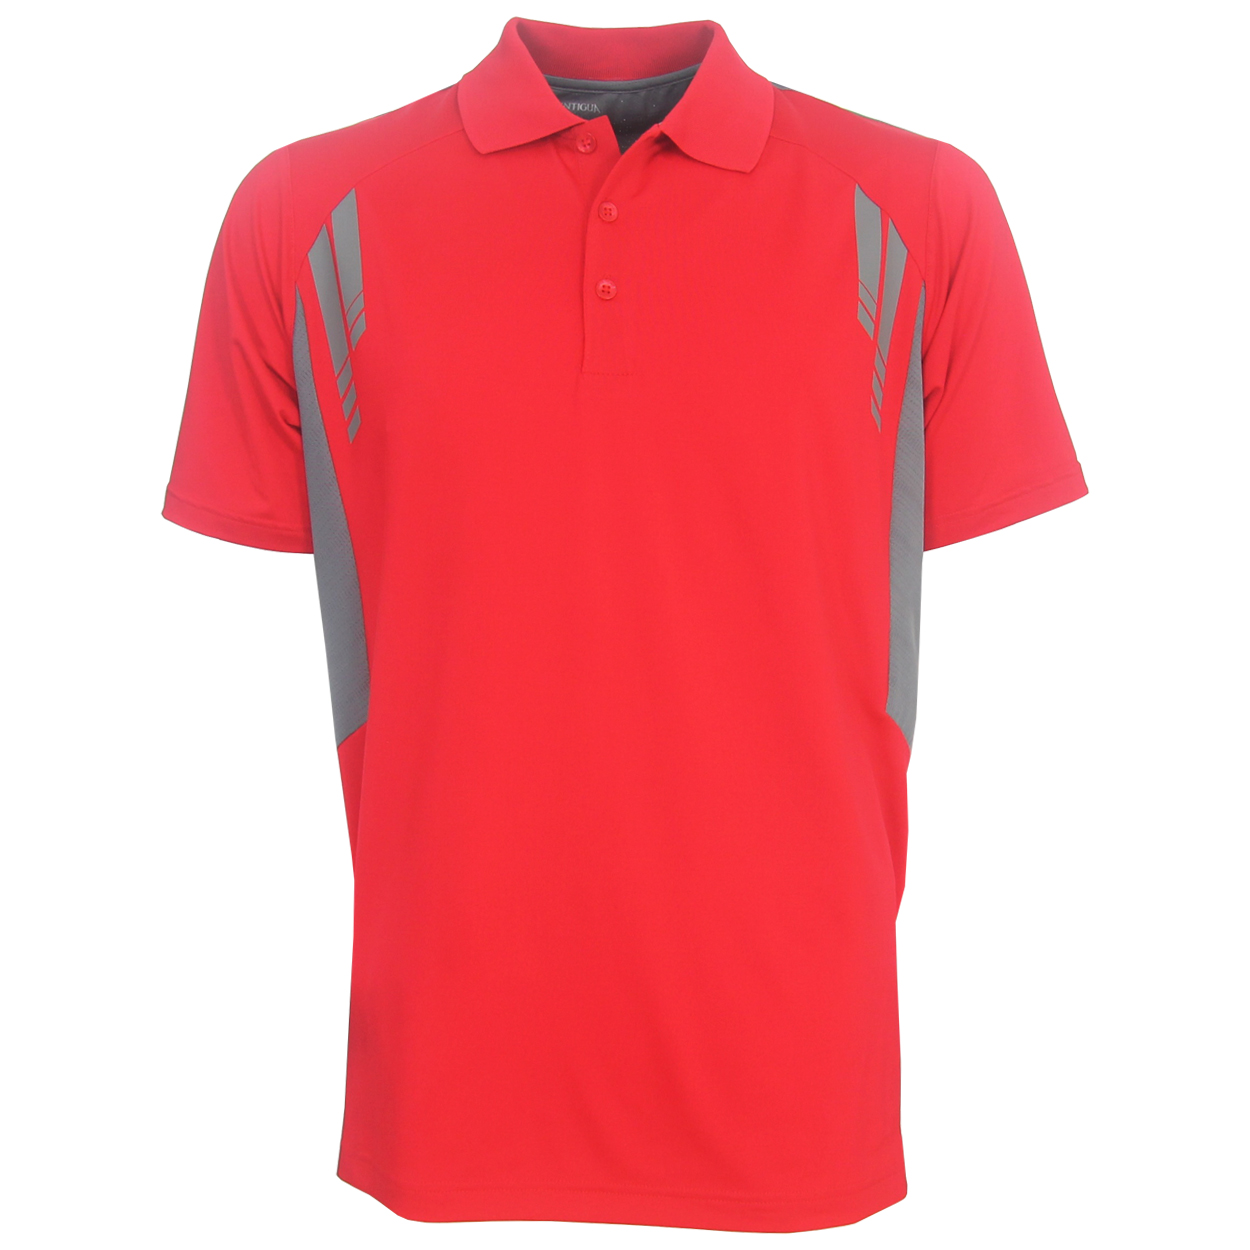 Antigua Skyline Performance Polo Golf Shirt